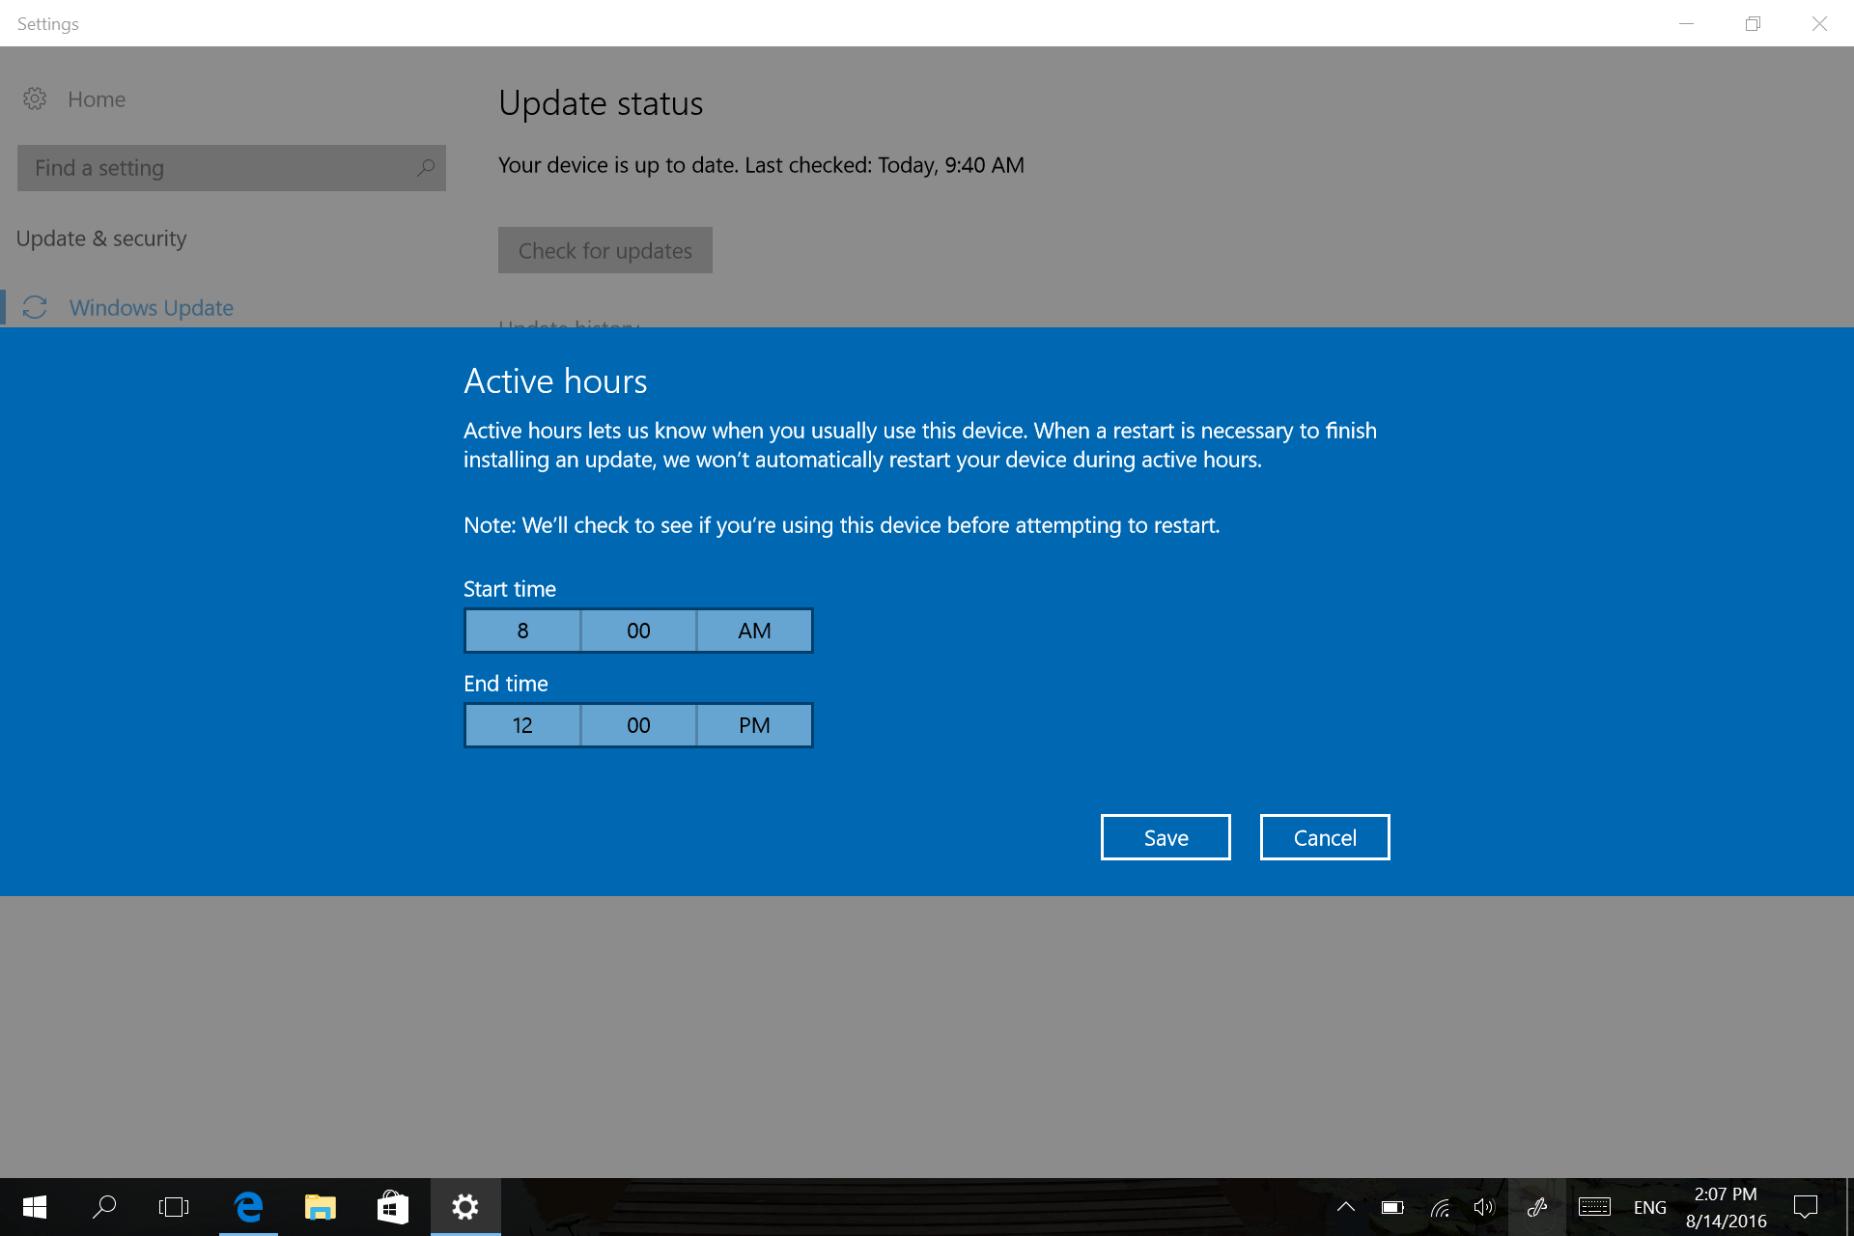 Windows 10 Anniversary Update Windows Update